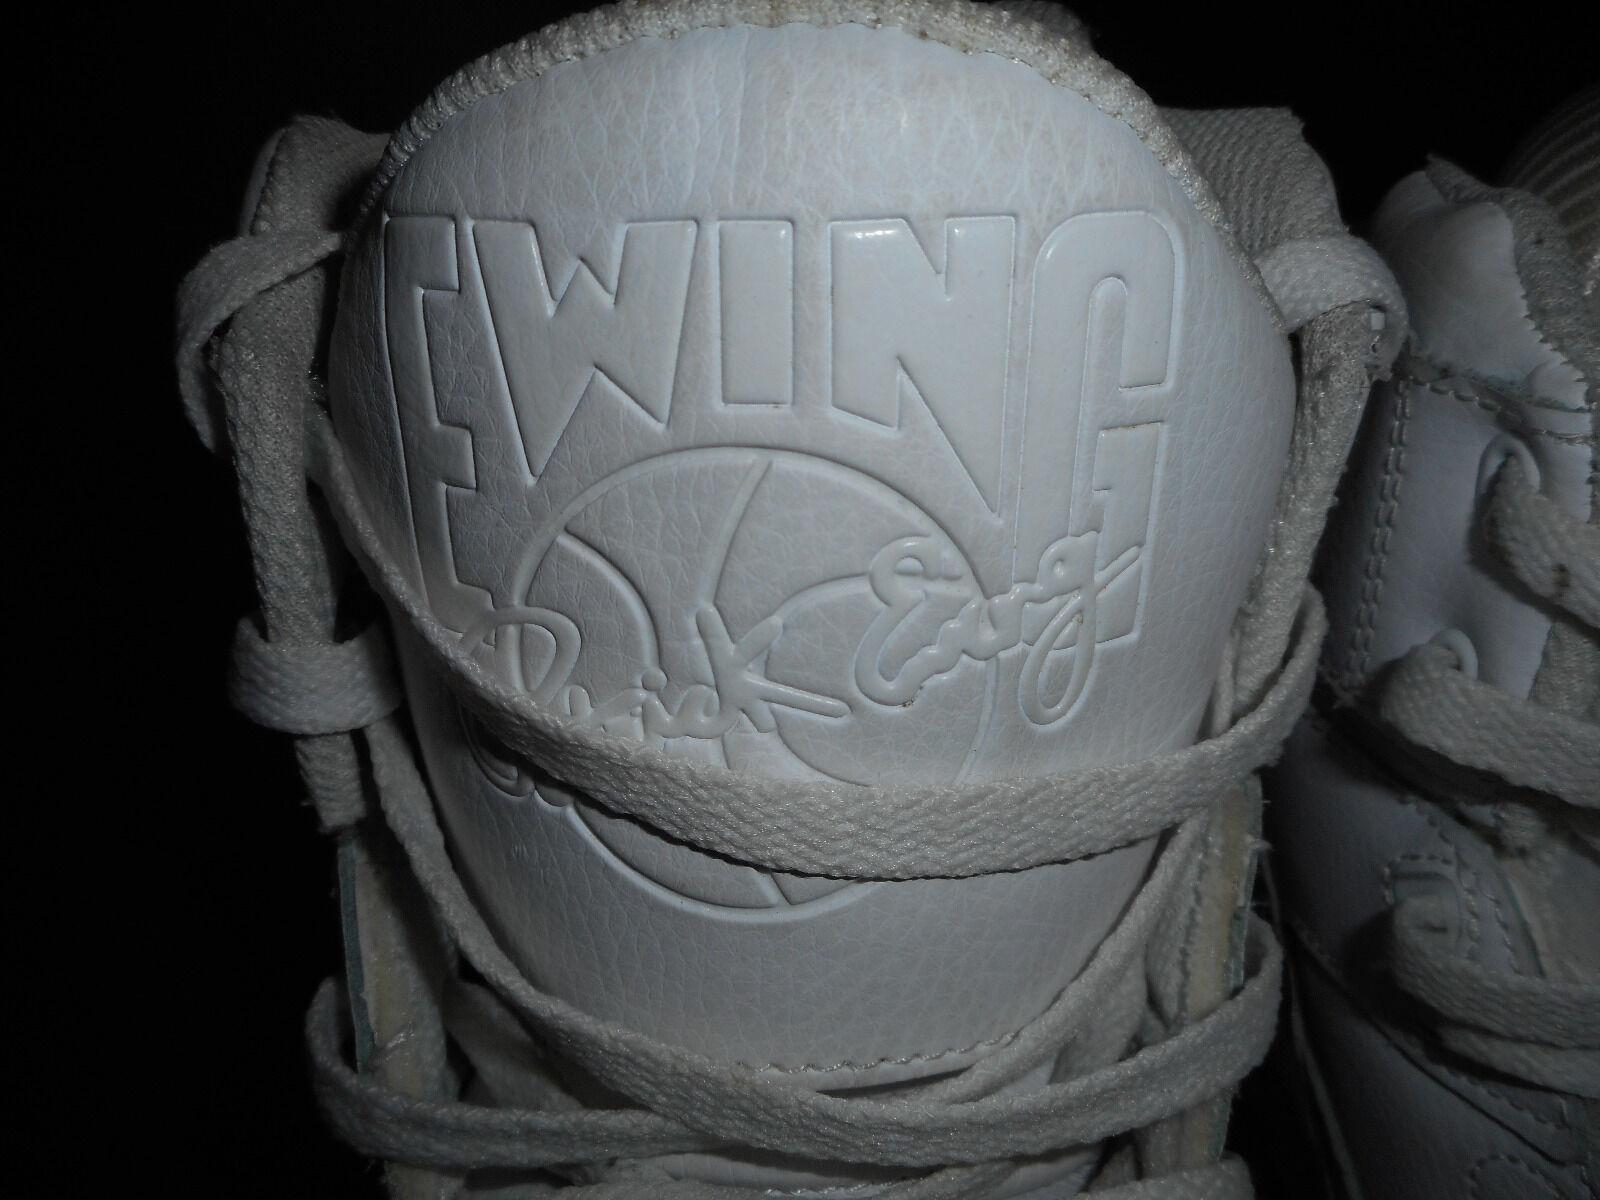 patrick ewing männer weiße gummi einzige schuhe, hohe 33 basketball - schuhe, einzige schuhe der größe 8,5 92518d